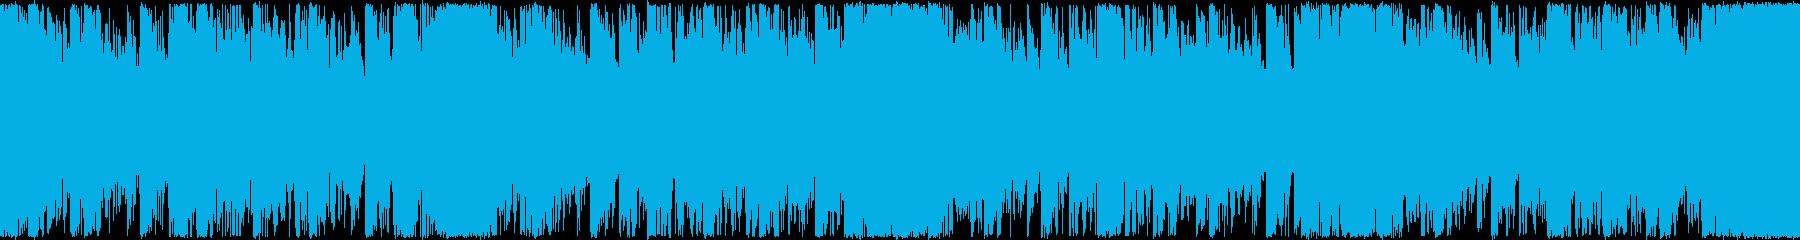 シンセEDMループBGMメインシンセ無しの再生済みの波形